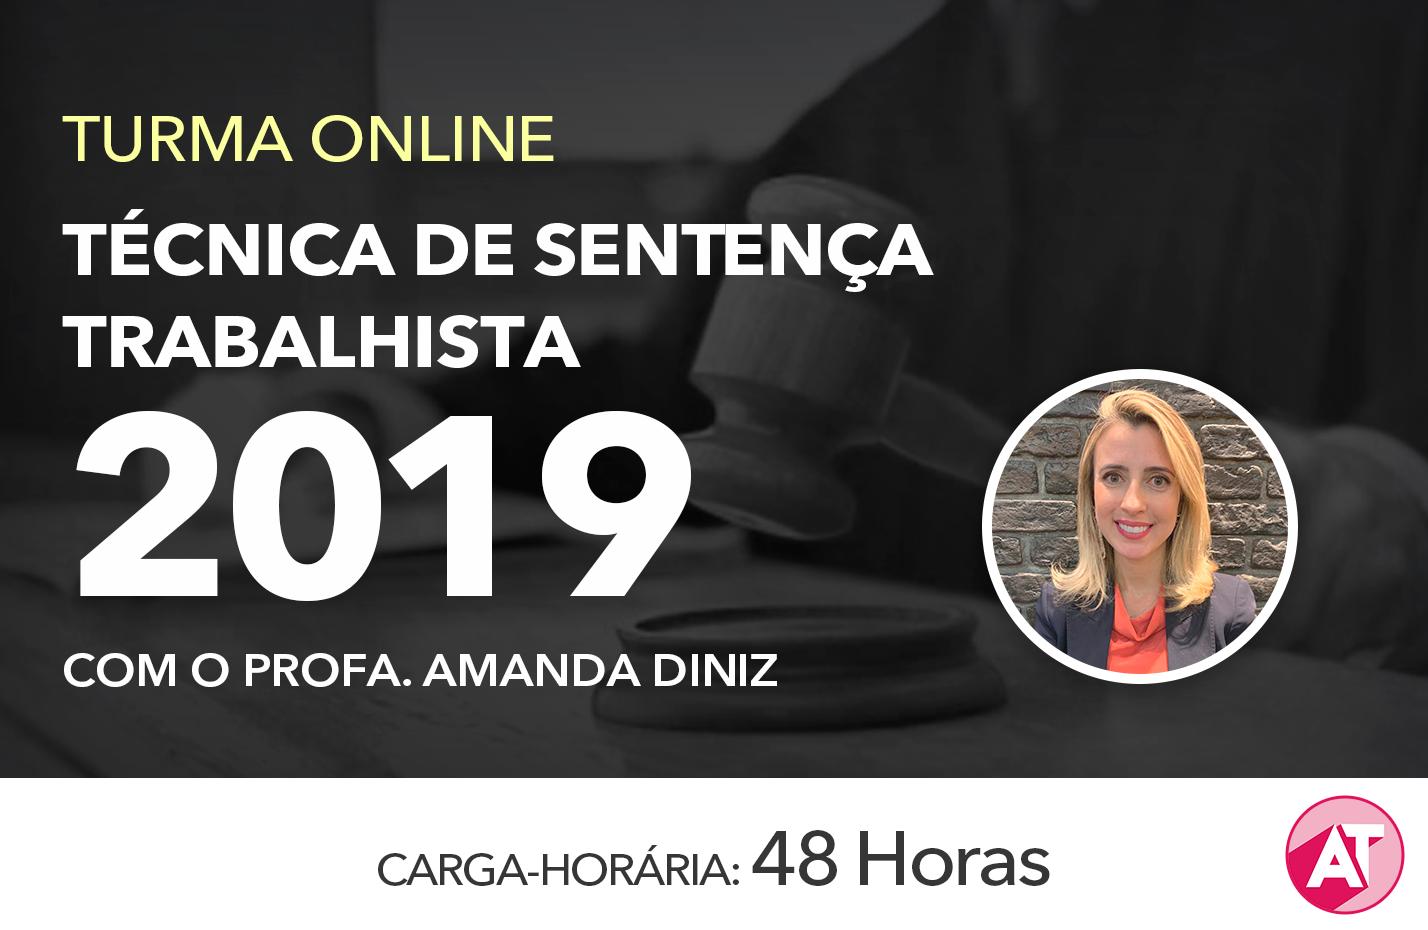 TÉCNICA DE SENTENÇA TRABALHISTA 2019 ONLINE